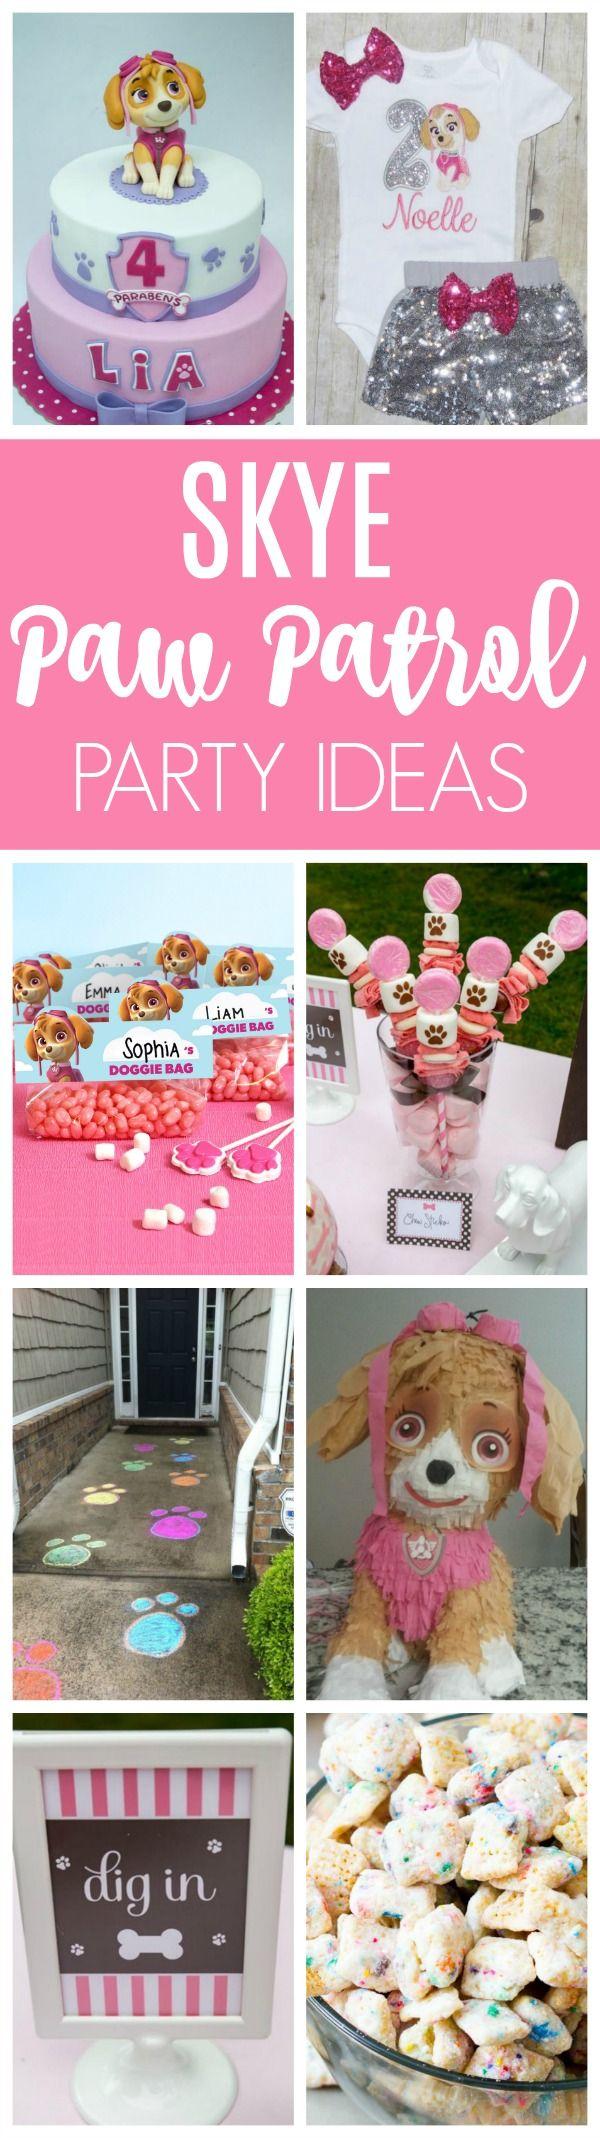 21 Skye Paw Patrol Party Ideas | Pretty My Party